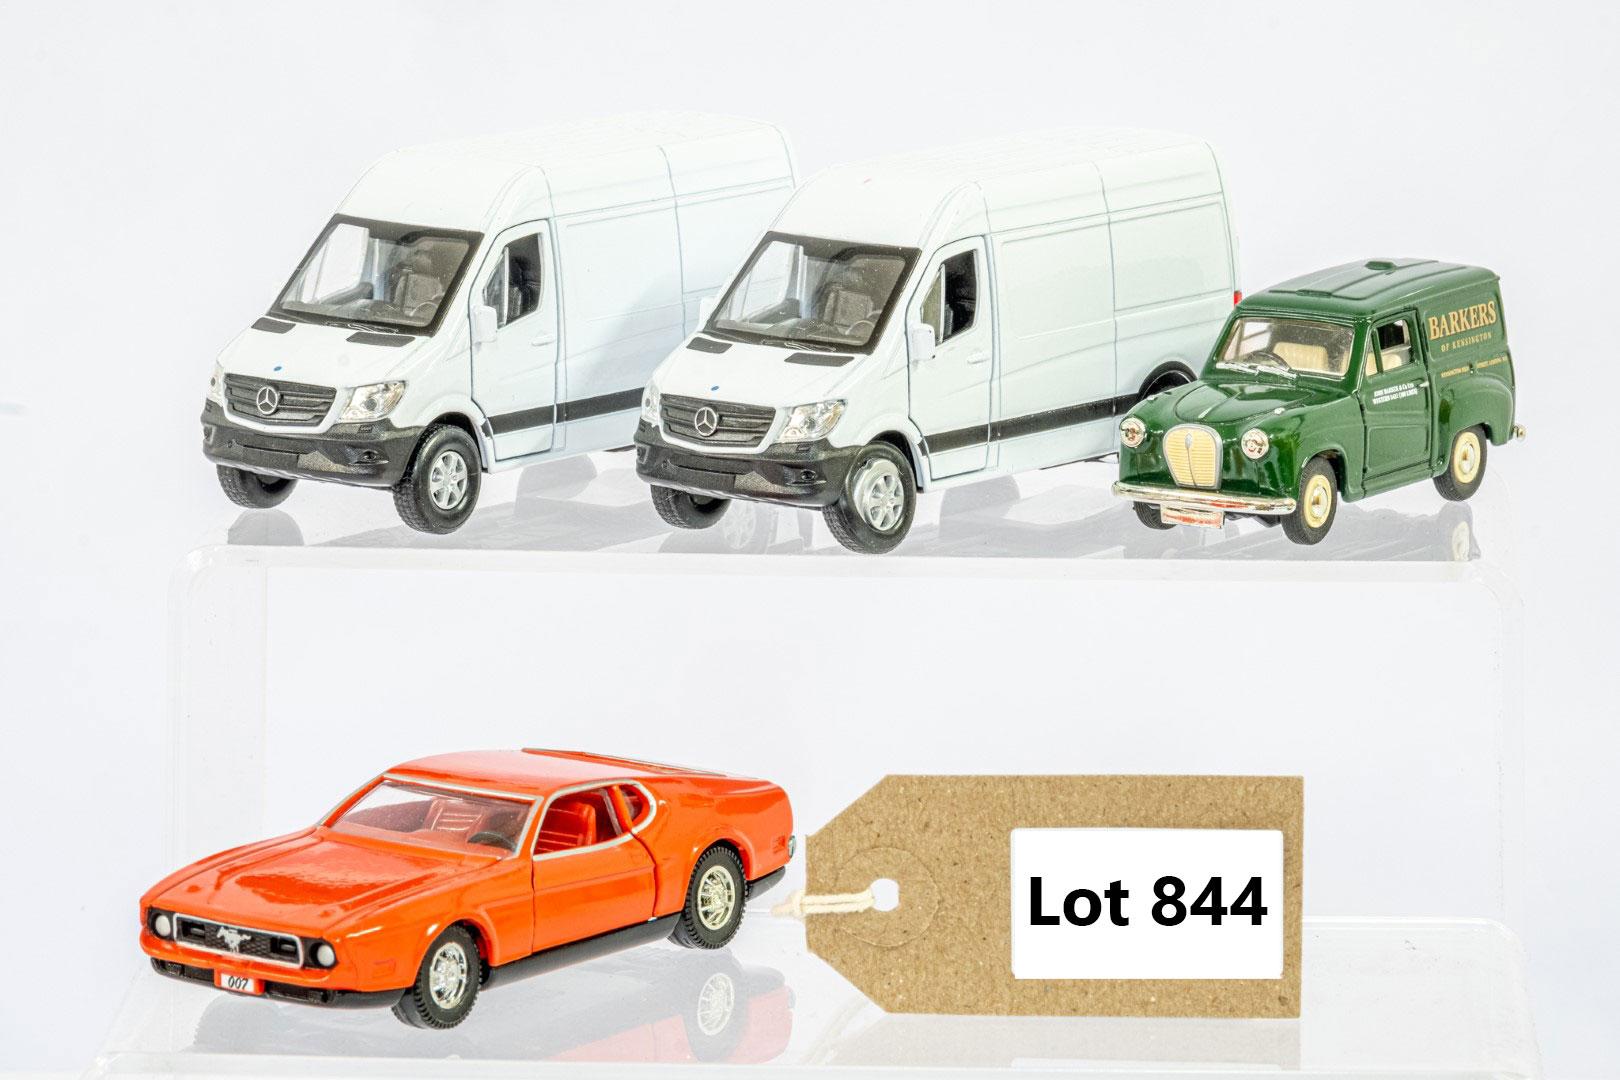 4 x Assorted Loose Car Models